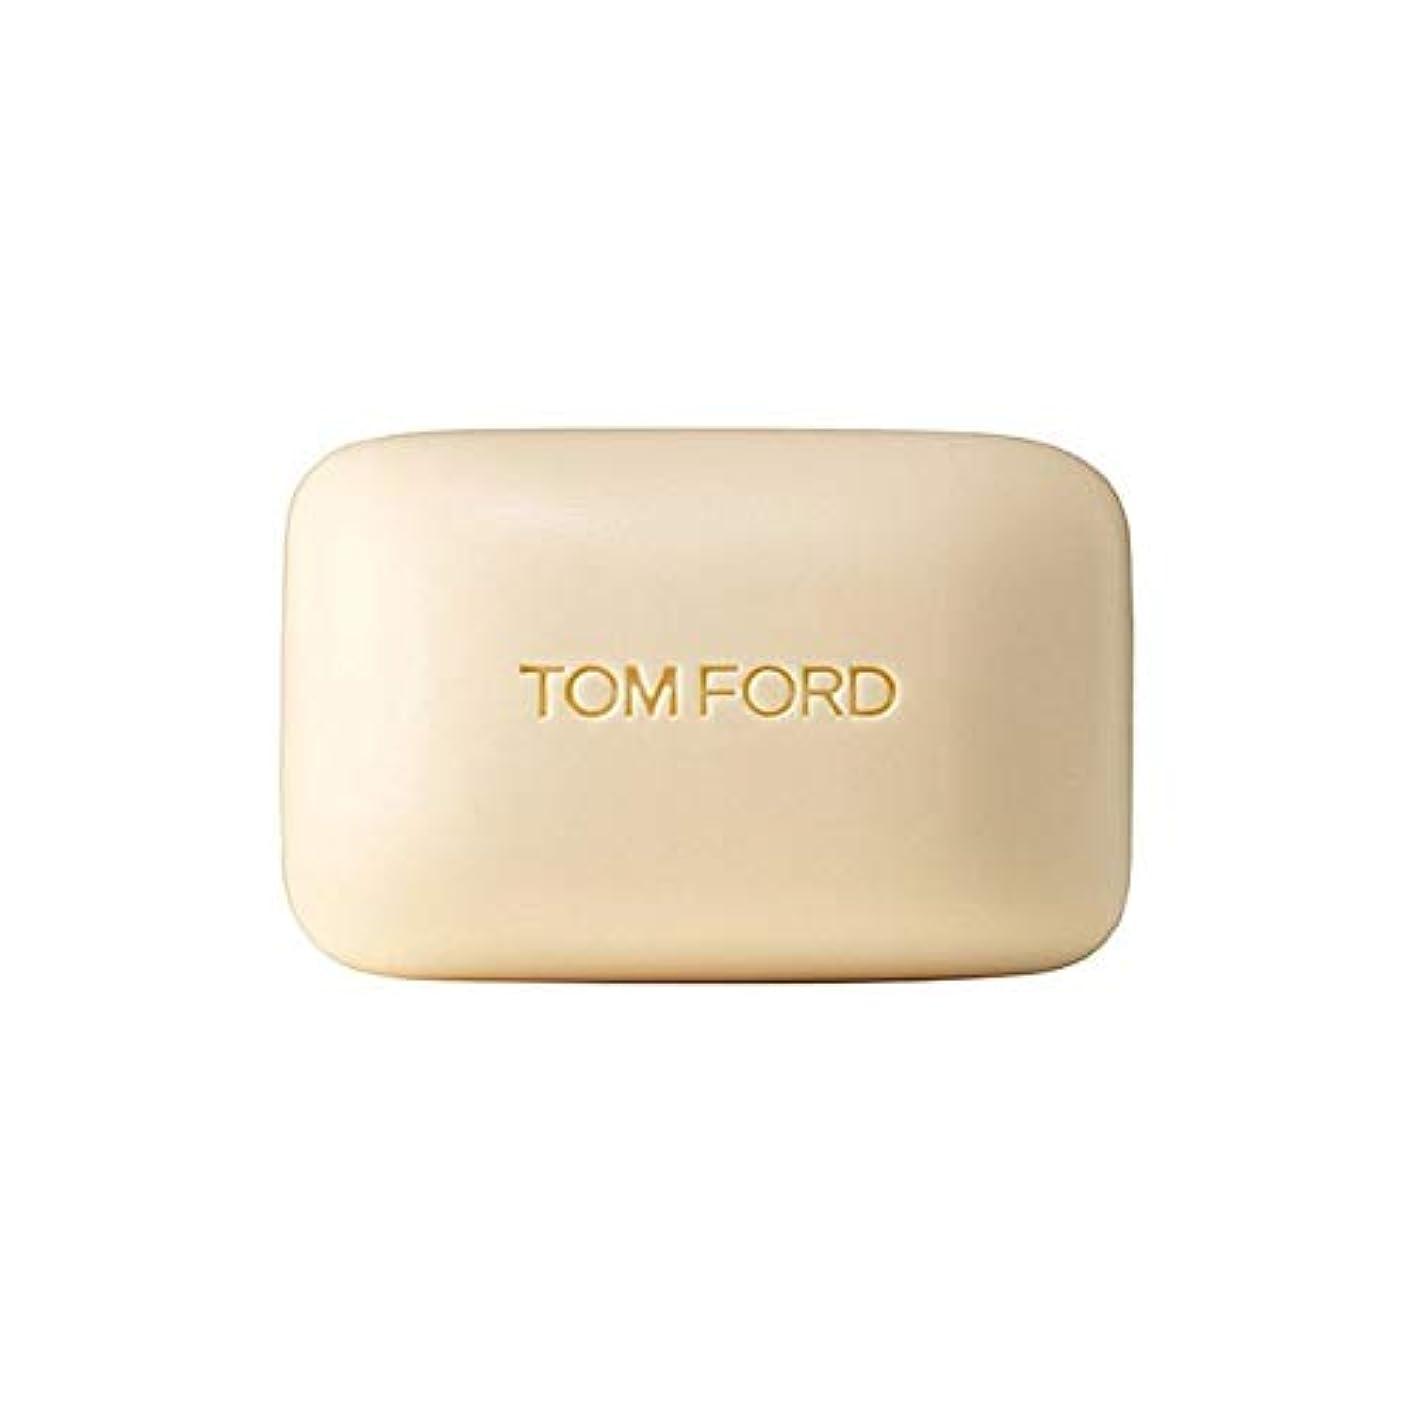 つまずく密接に農村[Tom Ford] トムフォードジャスミンルージュソープバー150グラム - Tom Ford Jasmin Rouge Soap Bar 150G [並行輸入品]